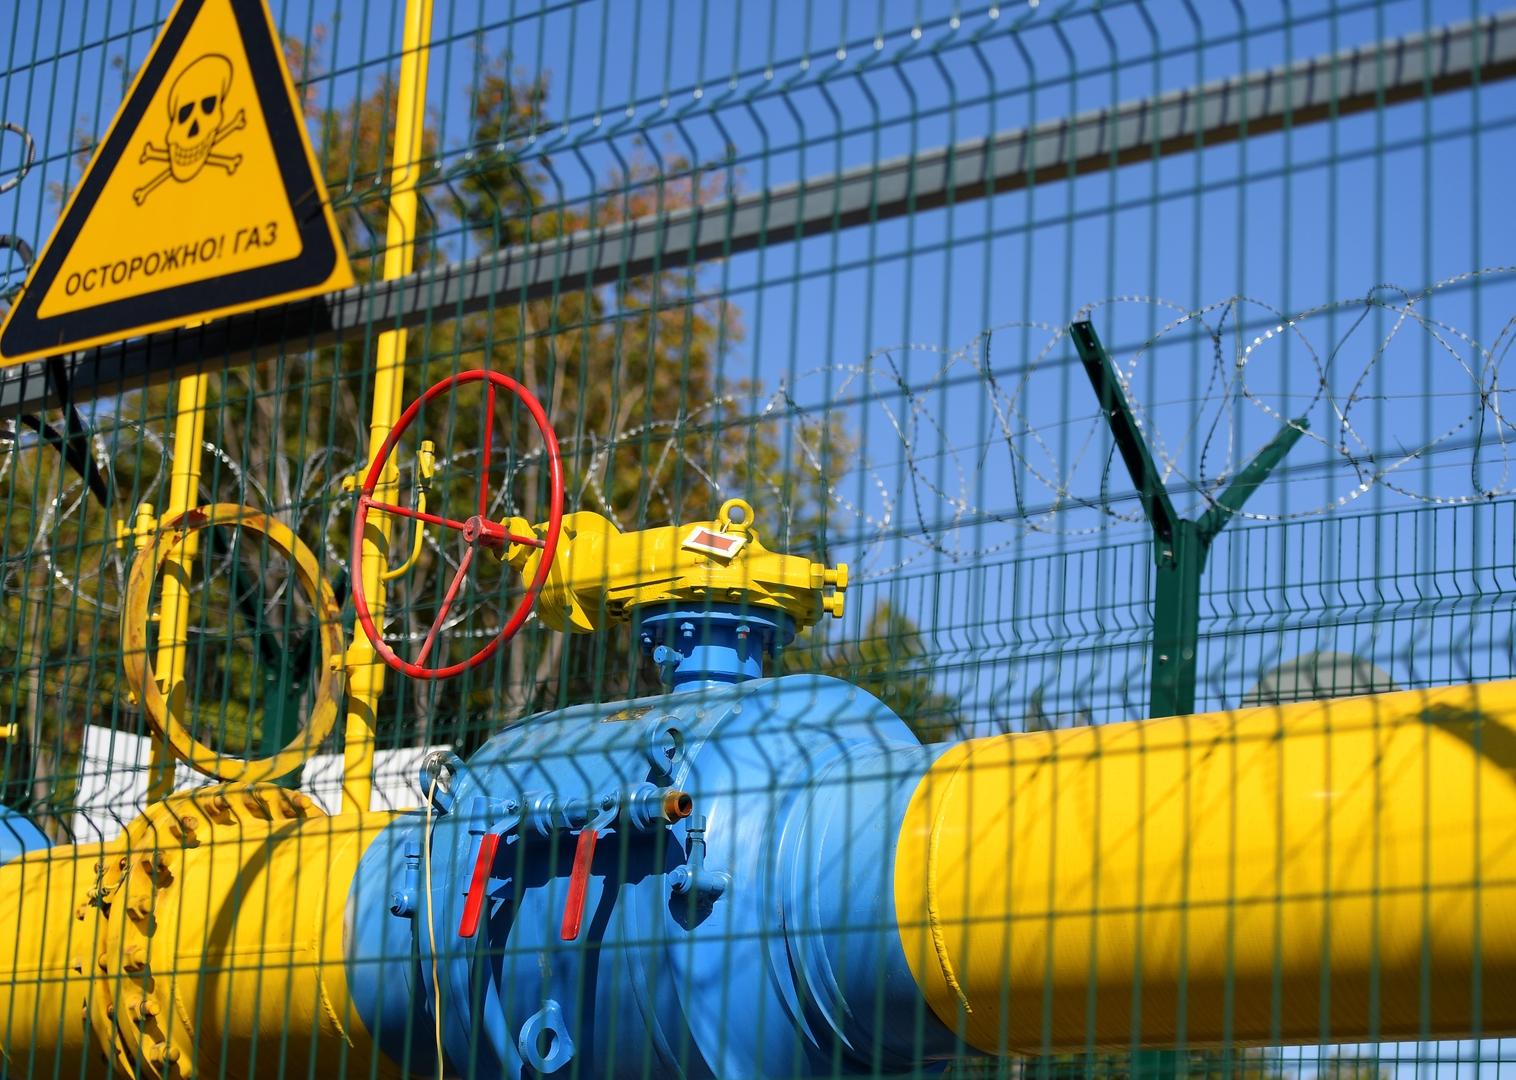 أسعار الغاز في أوروبا تواصل صعودها وتسجل مستويات تاريخية